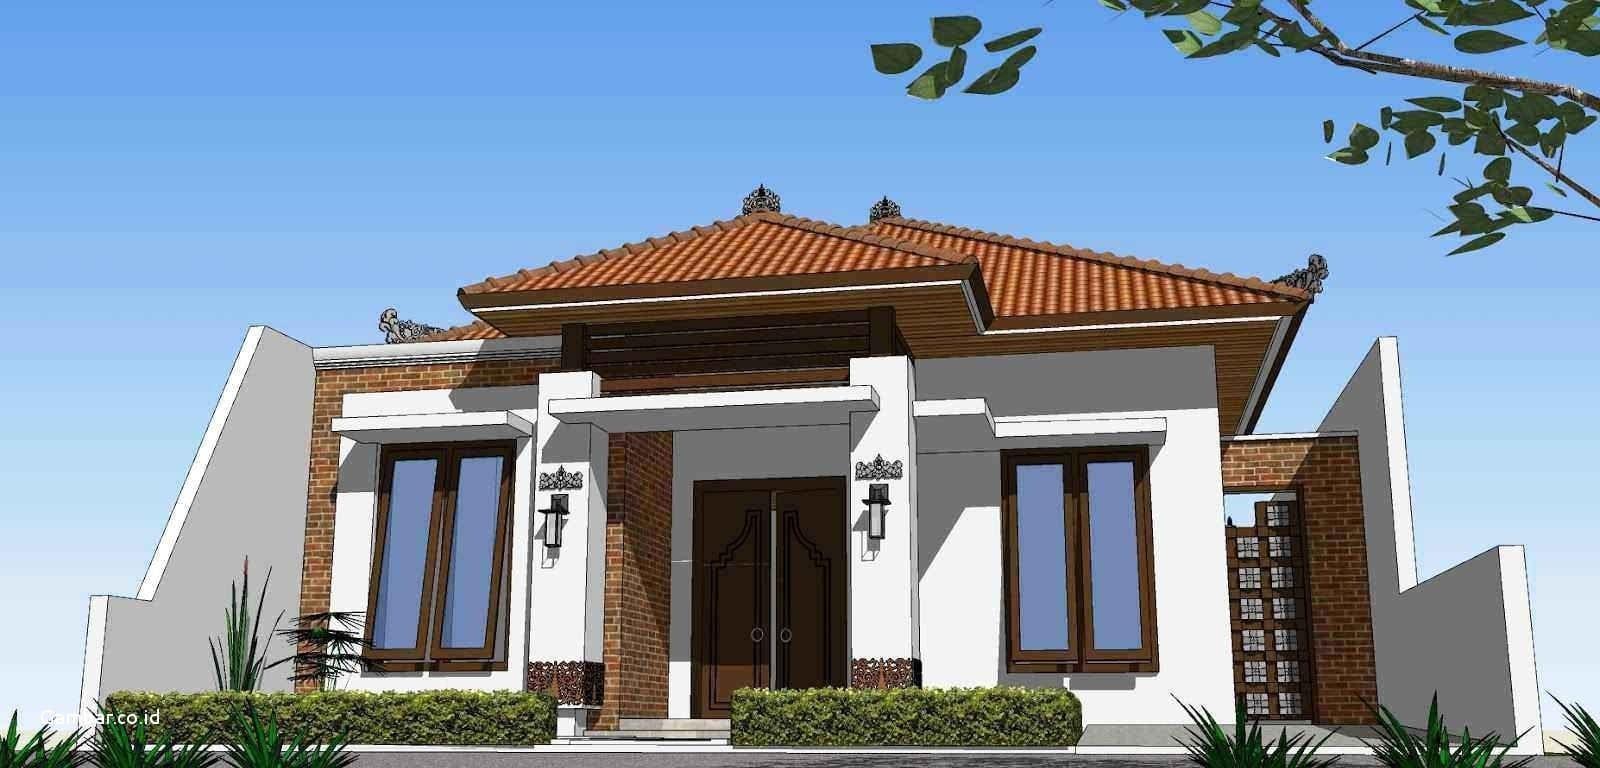 Rumah Klasik Classic Indonesia Modern Mewah Sederhana Asia Arsitek